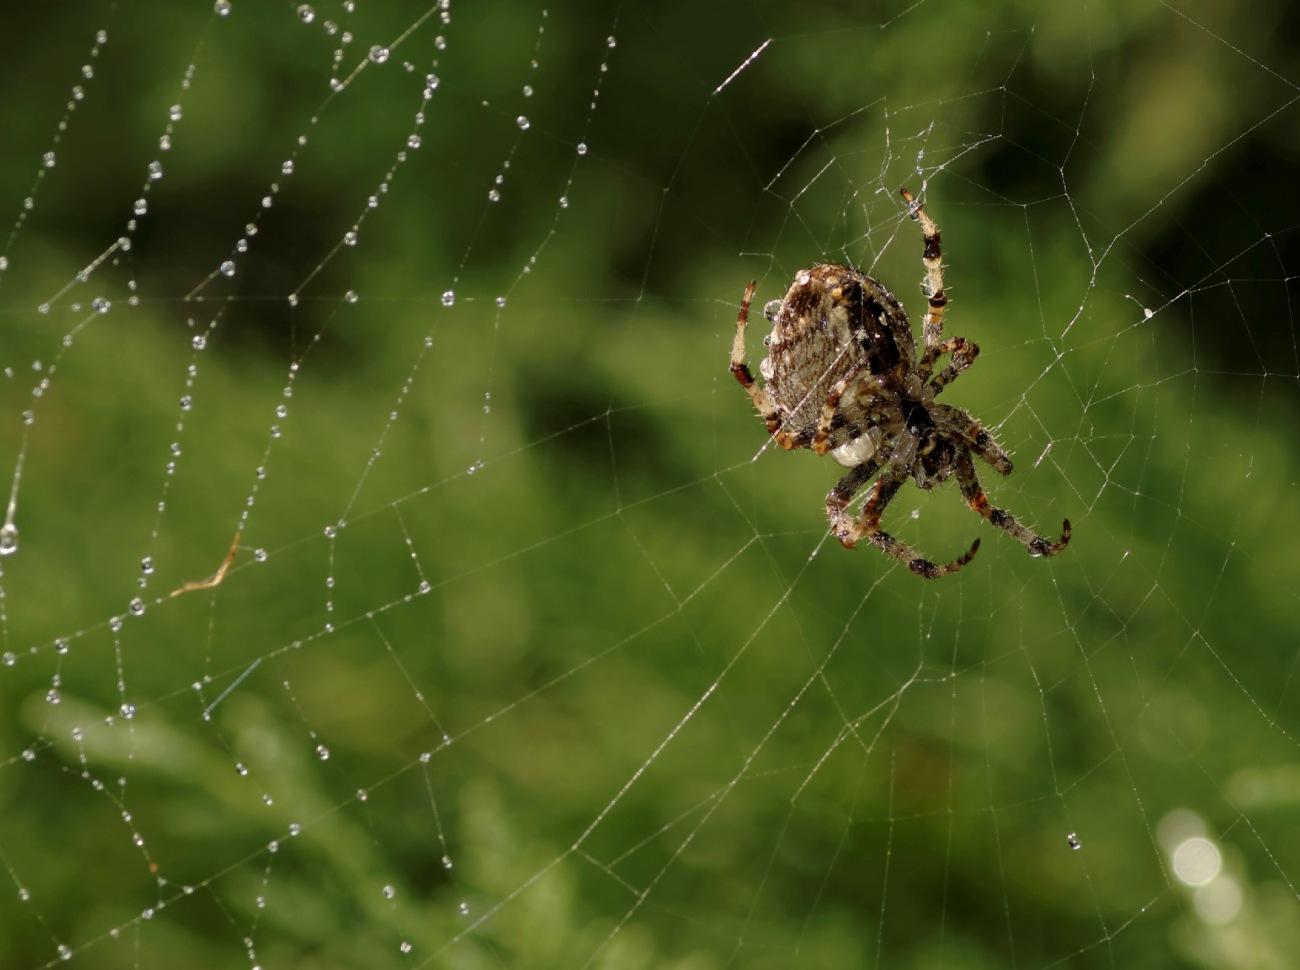 épeire diadème, Araneus diadematus, Araignée des jardins ou Araignée porte-croix, faune et flore, macro